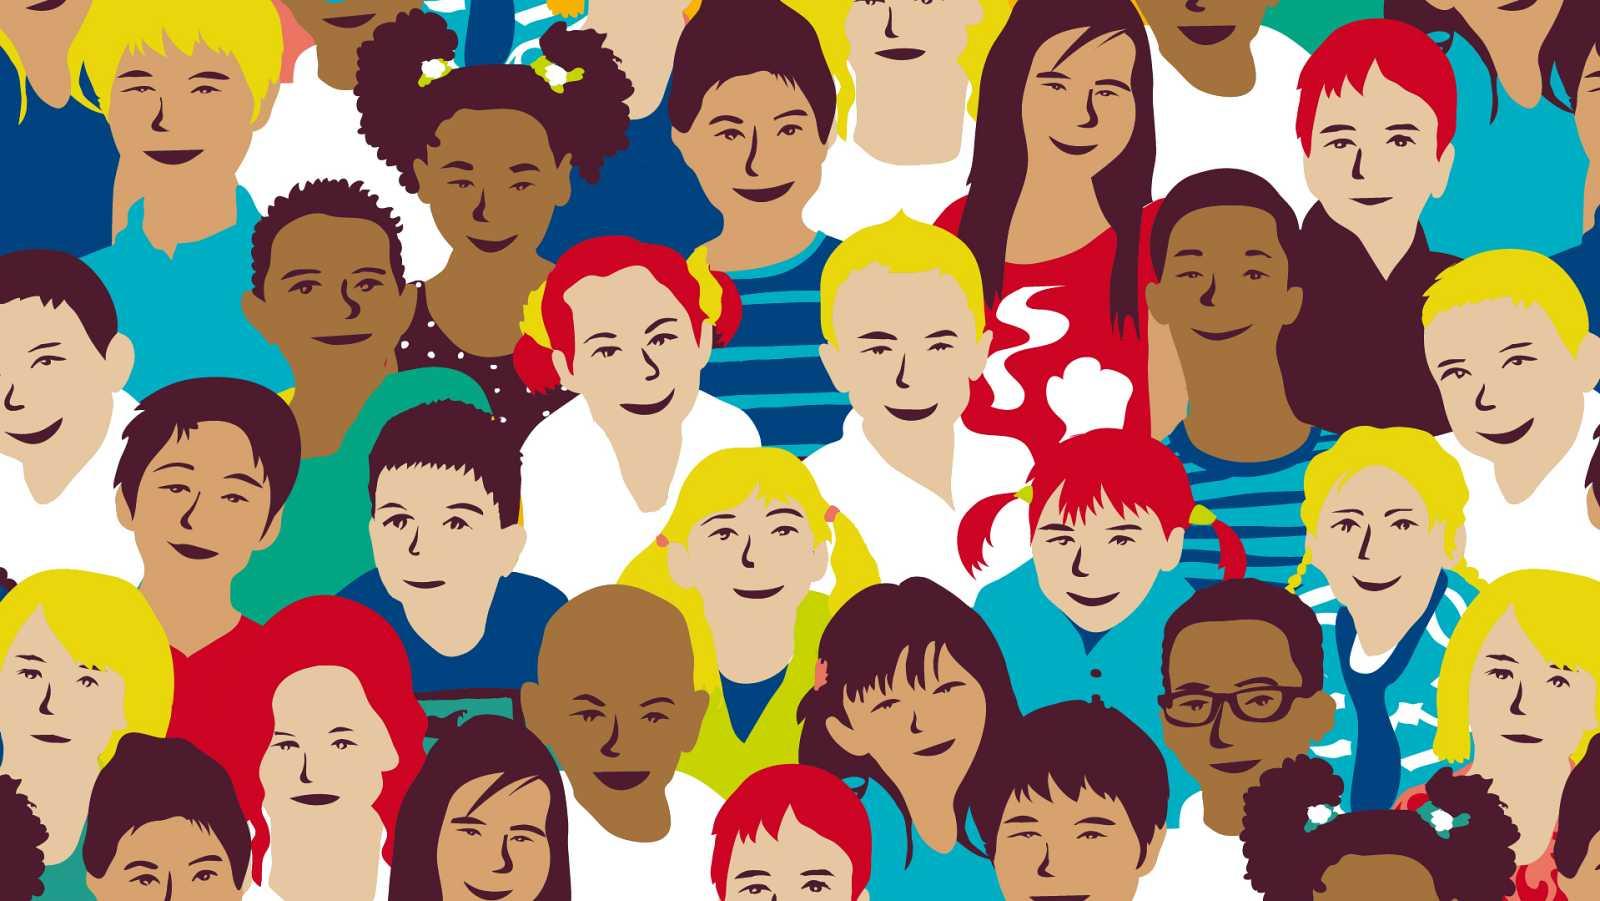 Espacio iberoamericano - Los derechos humanos tienen premio - 30/03/21 - escuchar ahora